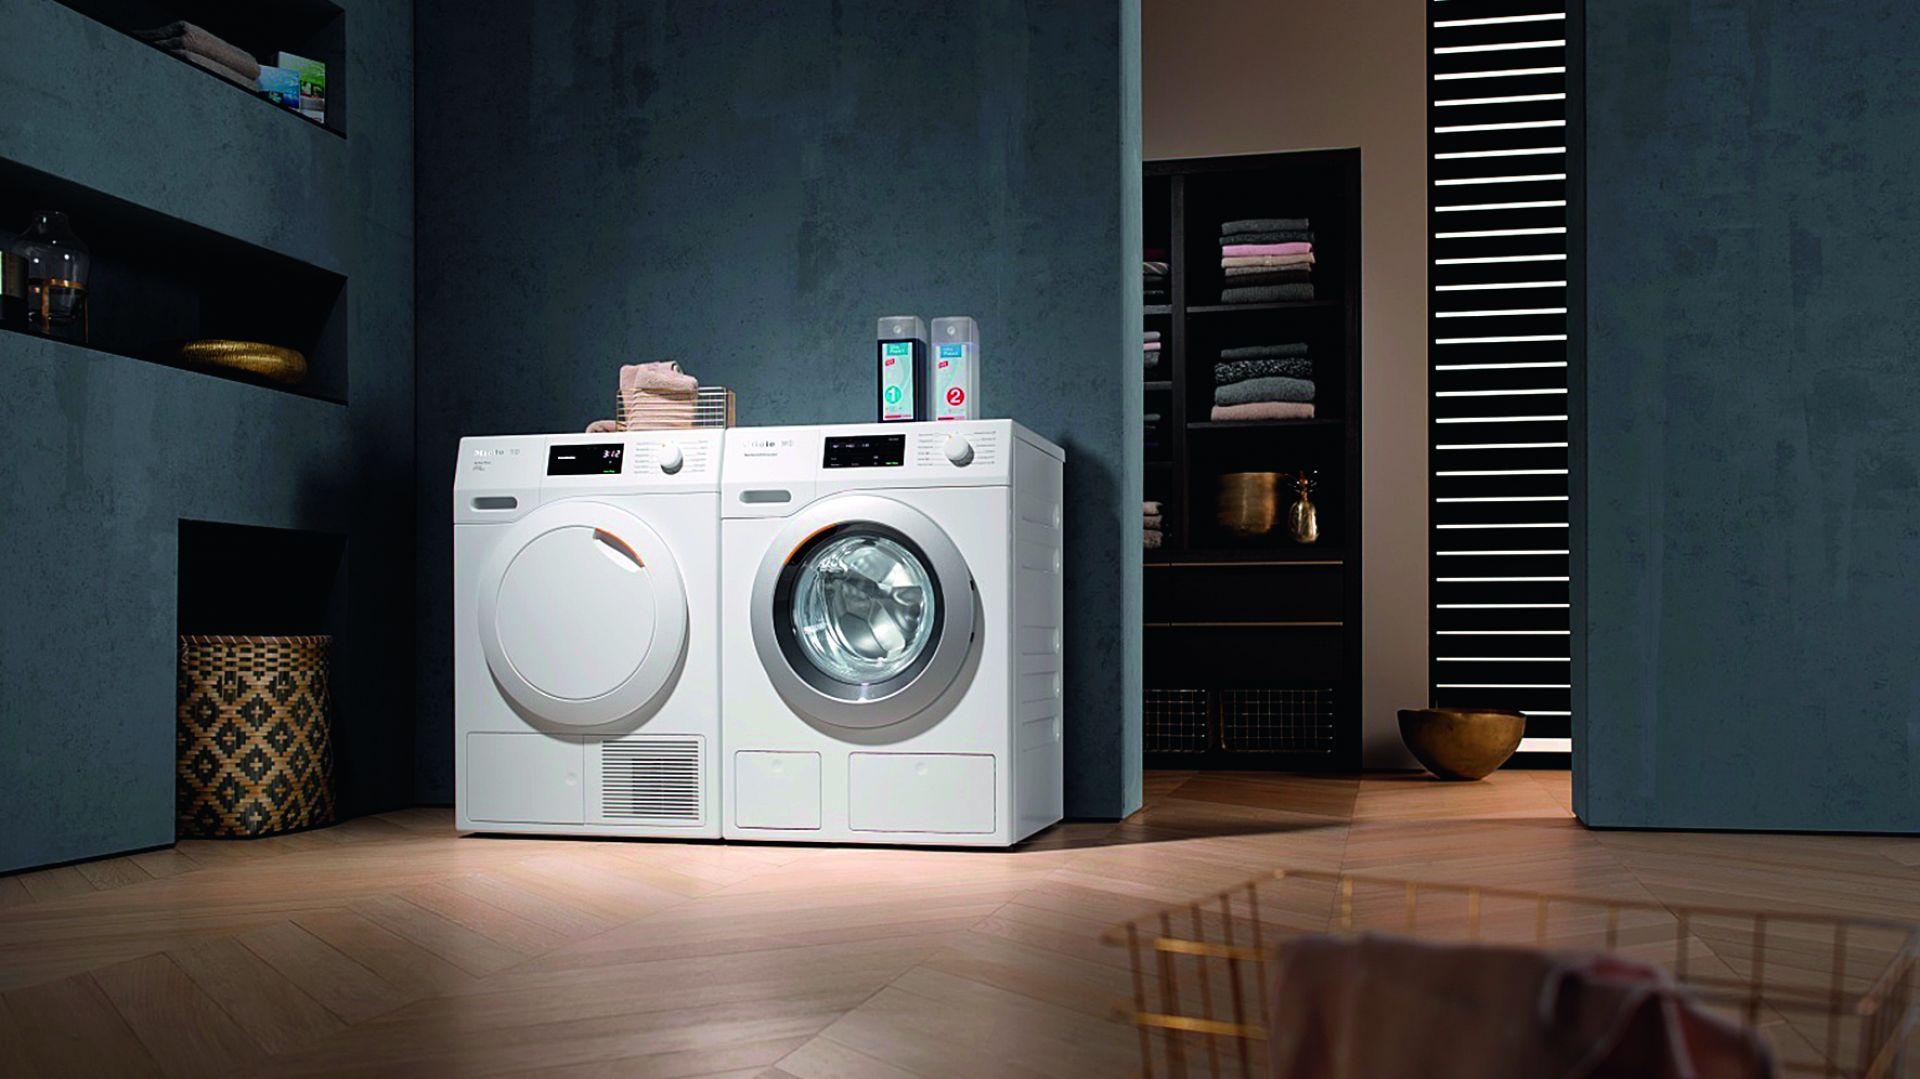 WCE 670 TDos Wifi pralka wyposażona w TwinDos - rewolucyjny dwufazowy system automatycznego dozowania detergentów gwarantujący doskonałe efekty prania. Za pomocą jednego przycisku dobiera odpowiednią ilość detergentu wzależności od programu prania i stopnia zabrudzenia tkanin. Cena: 4,990 zł. Dostępna w ofercie firmy Miele. Fot. Miele